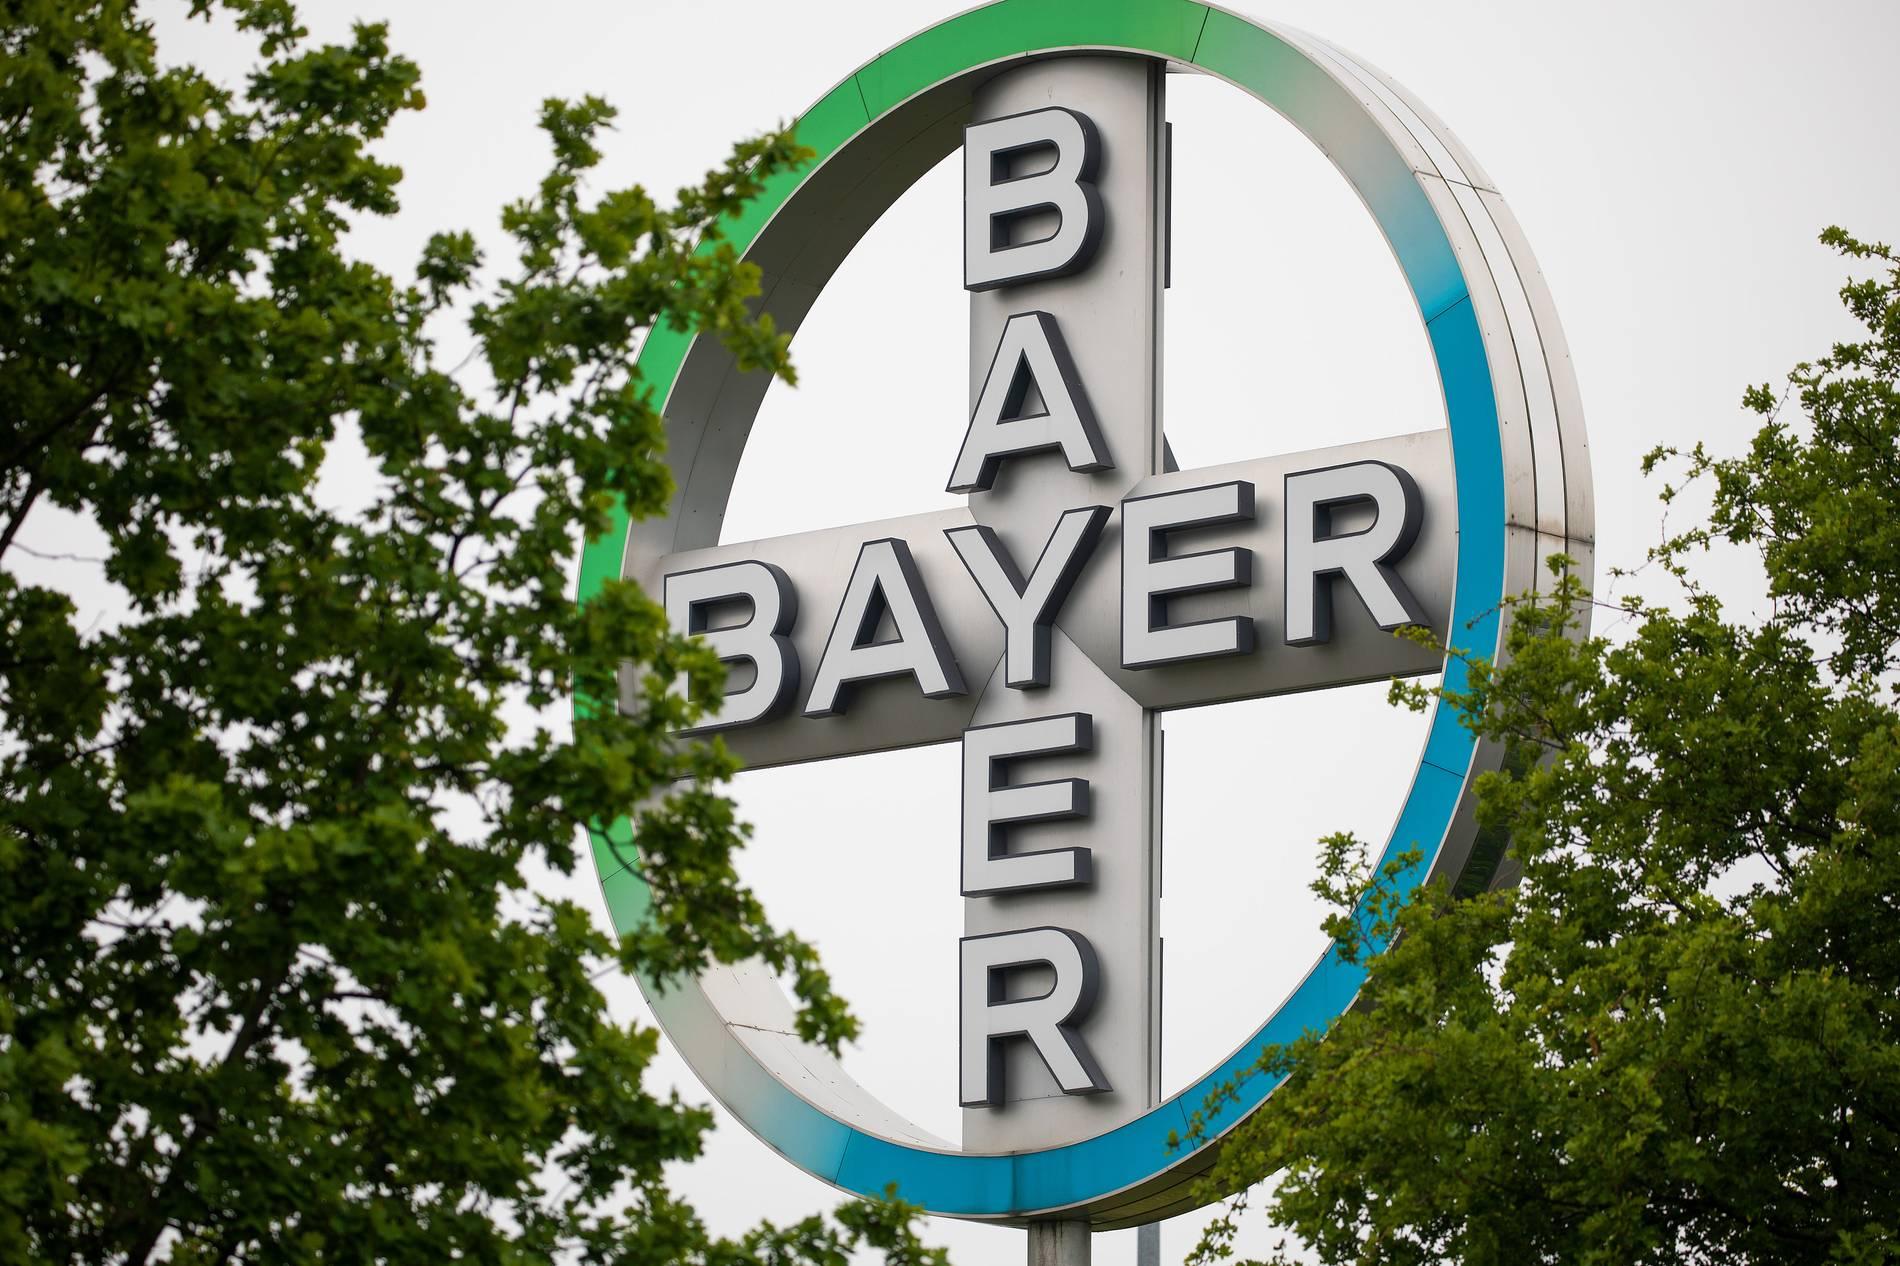 Bayer verkauft Tiergesundheitsgeschäft für 7,6 Milliarden US-Dollar